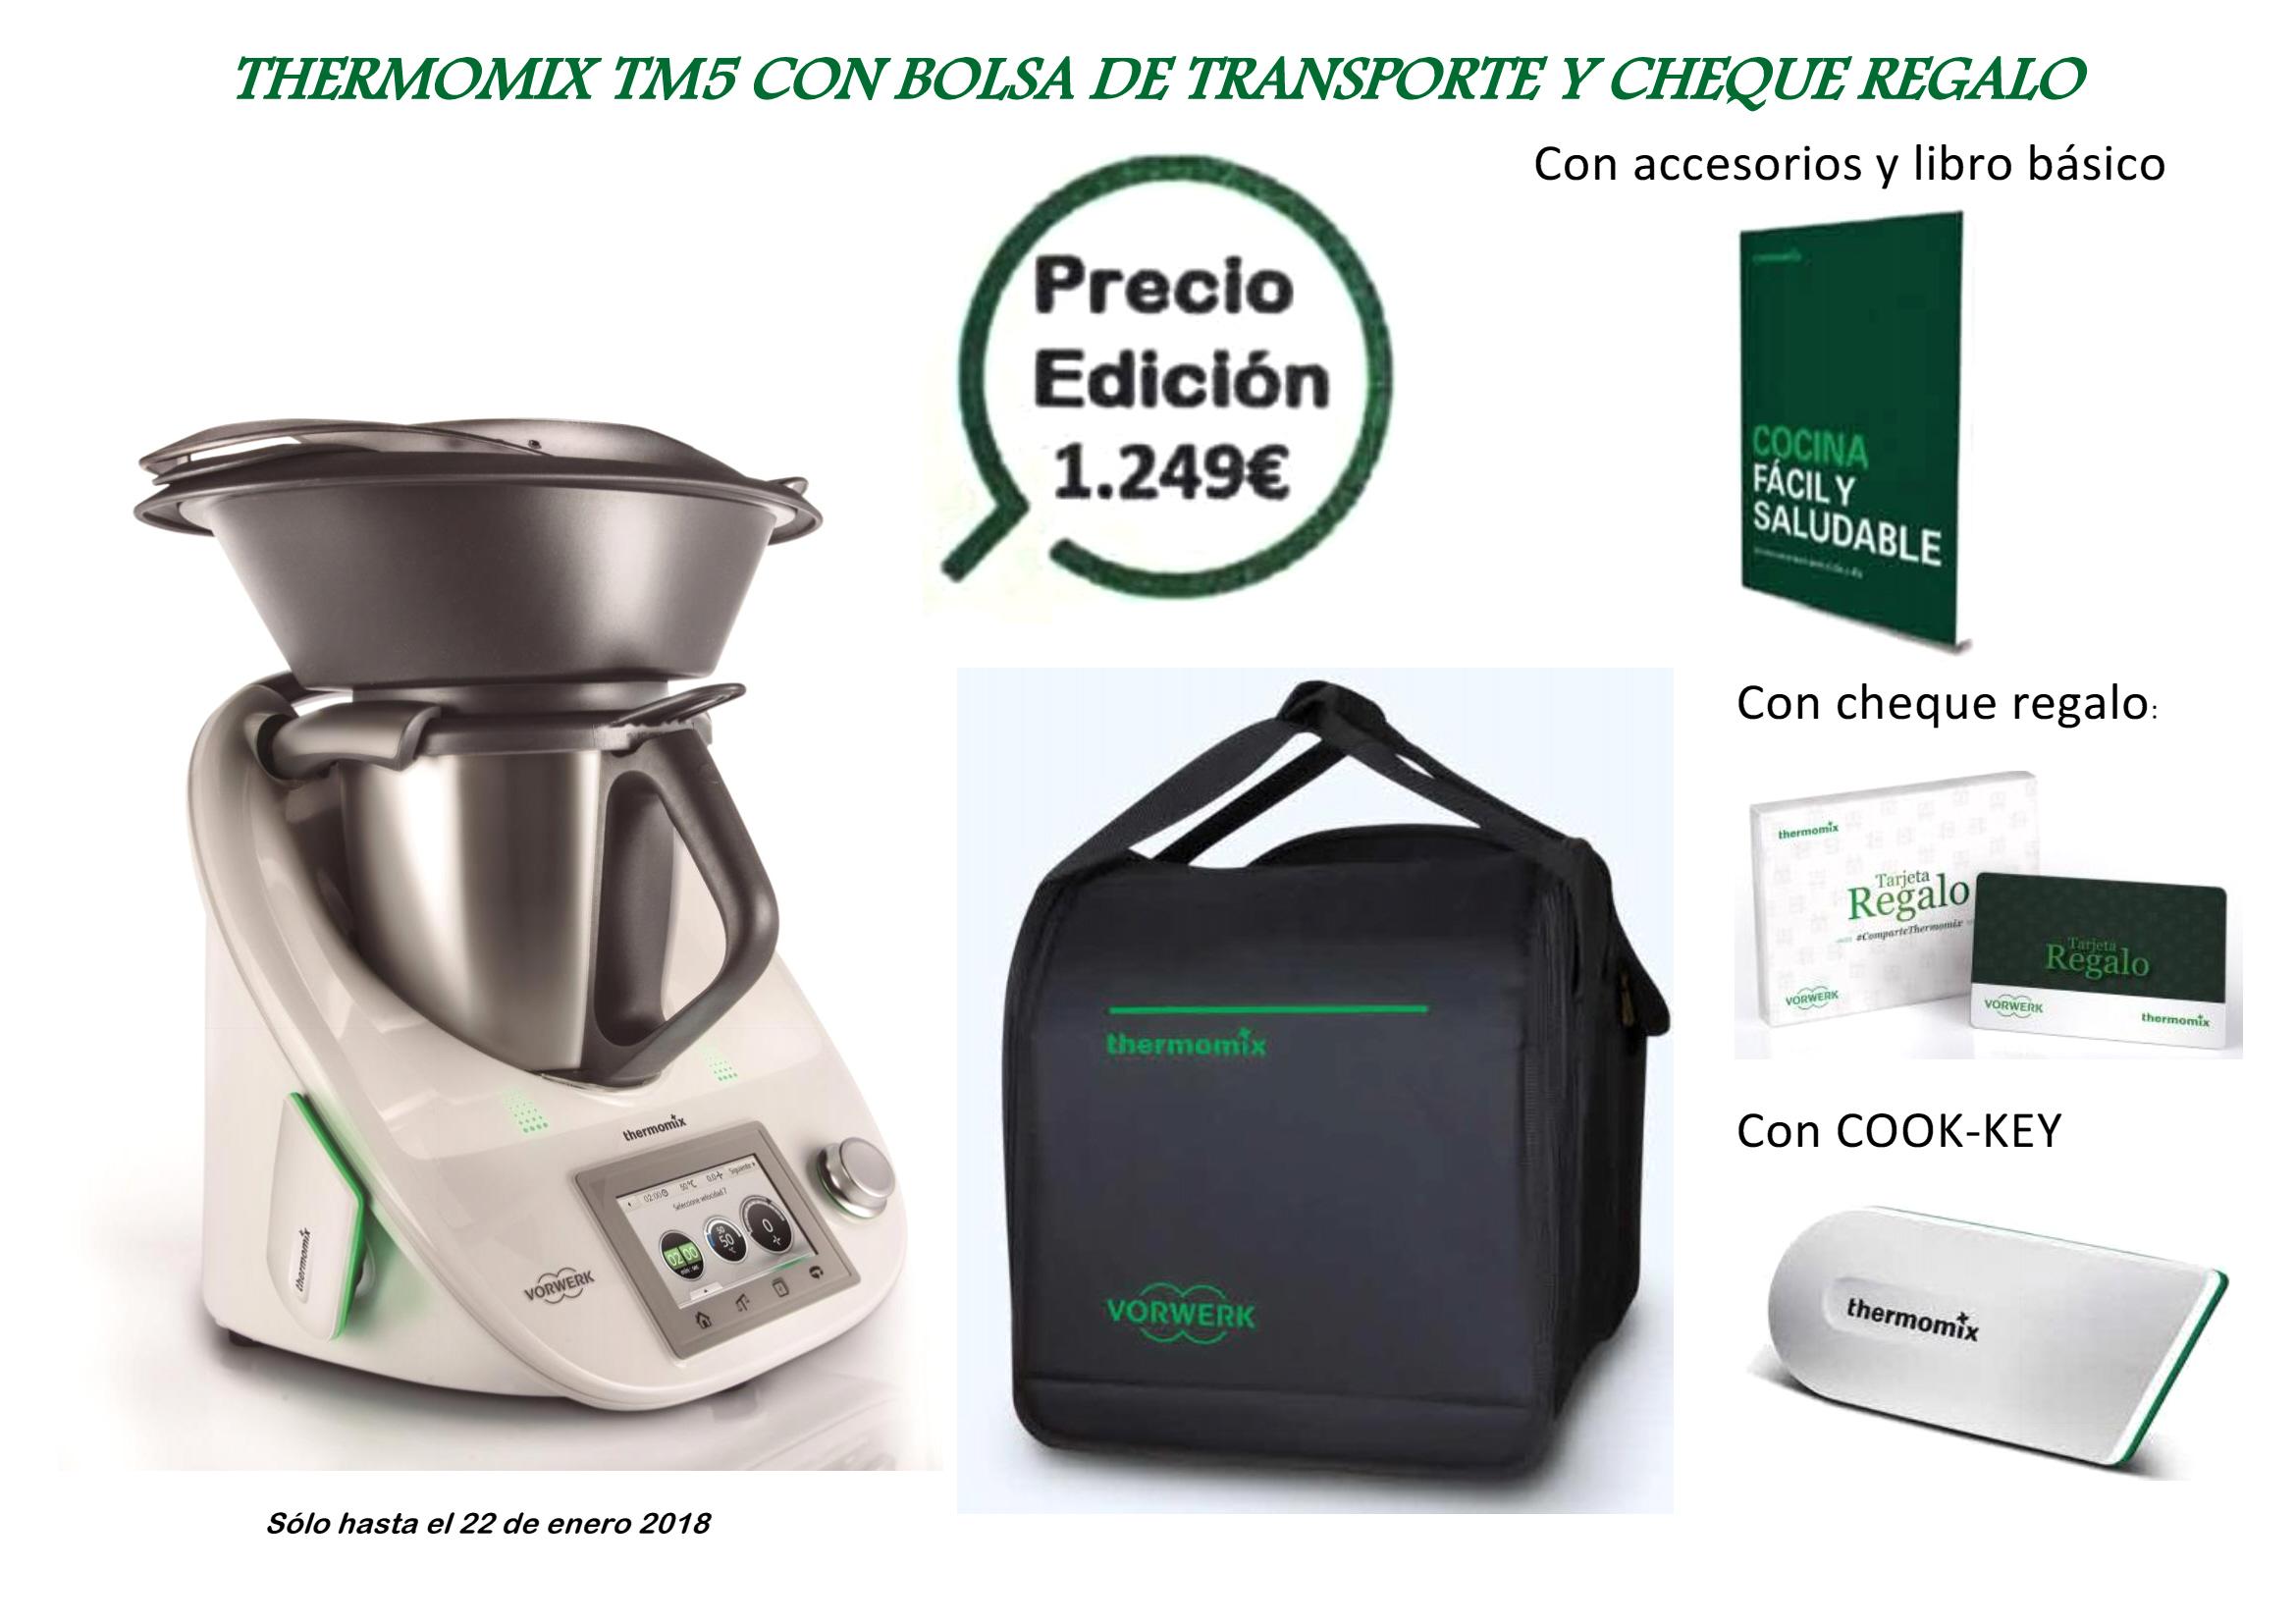 Ofertas promociones thermomix noticias blog blog de caridad sanmartin allegue de - Cocina facil y saludable thermomix ...